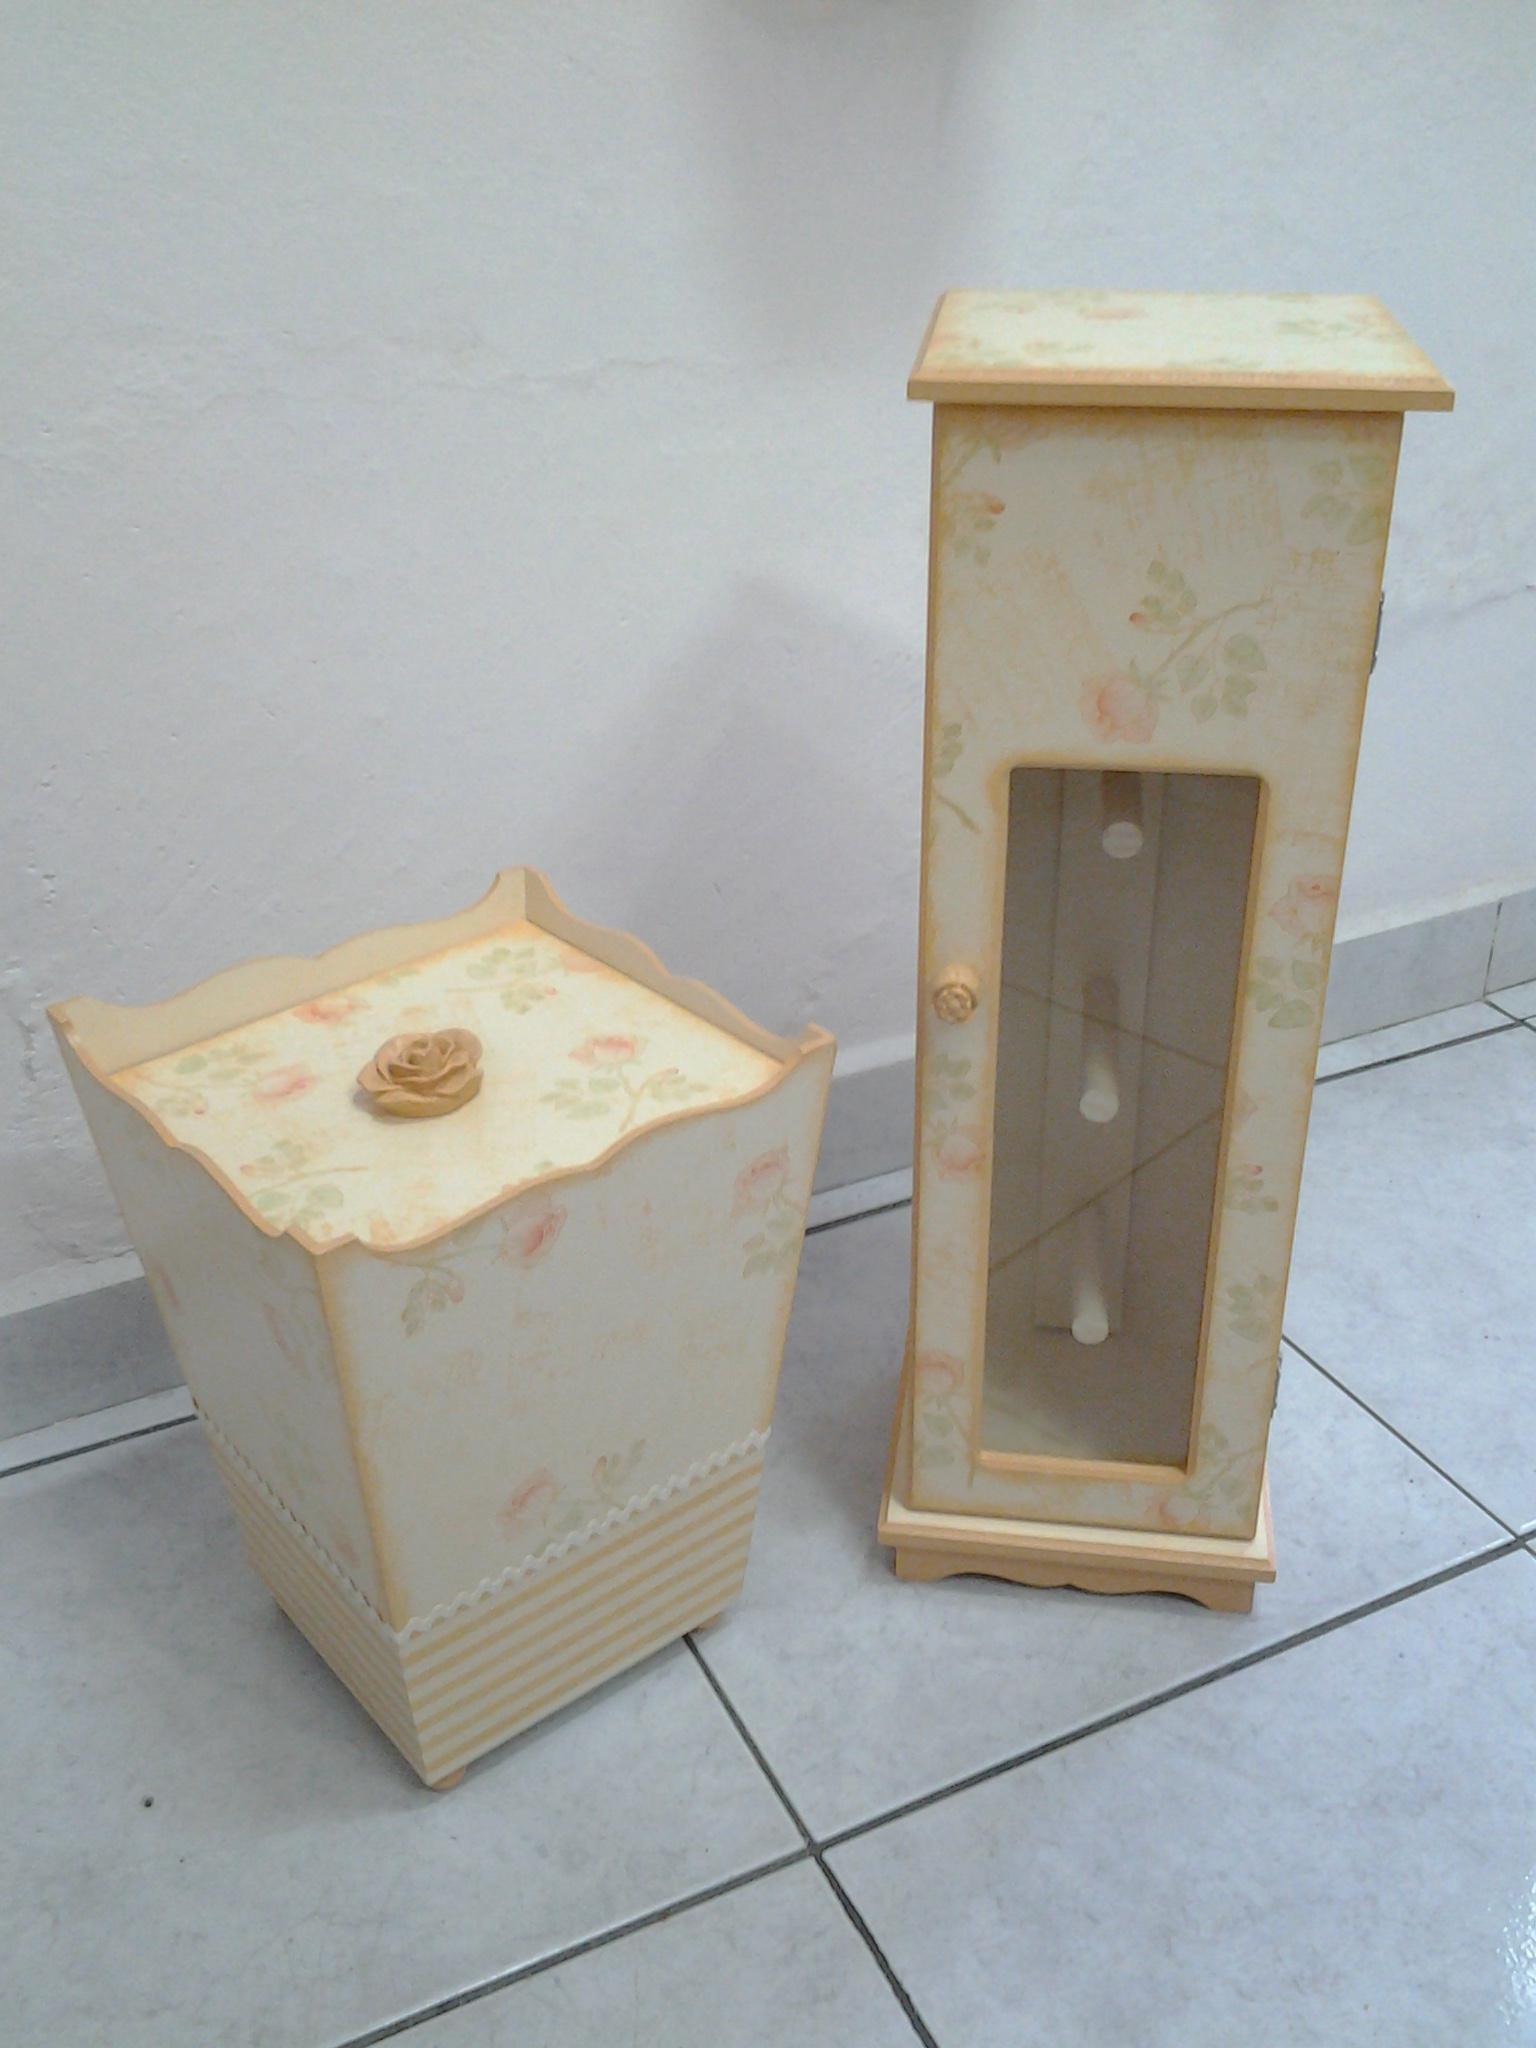 #886F43 149 80 kit banheiro r $ 90 00 kit banheiro r $ 115 00 kit banheiro r $  1536x2048 px Banheiro Entupido Com Papel Higienico 3197